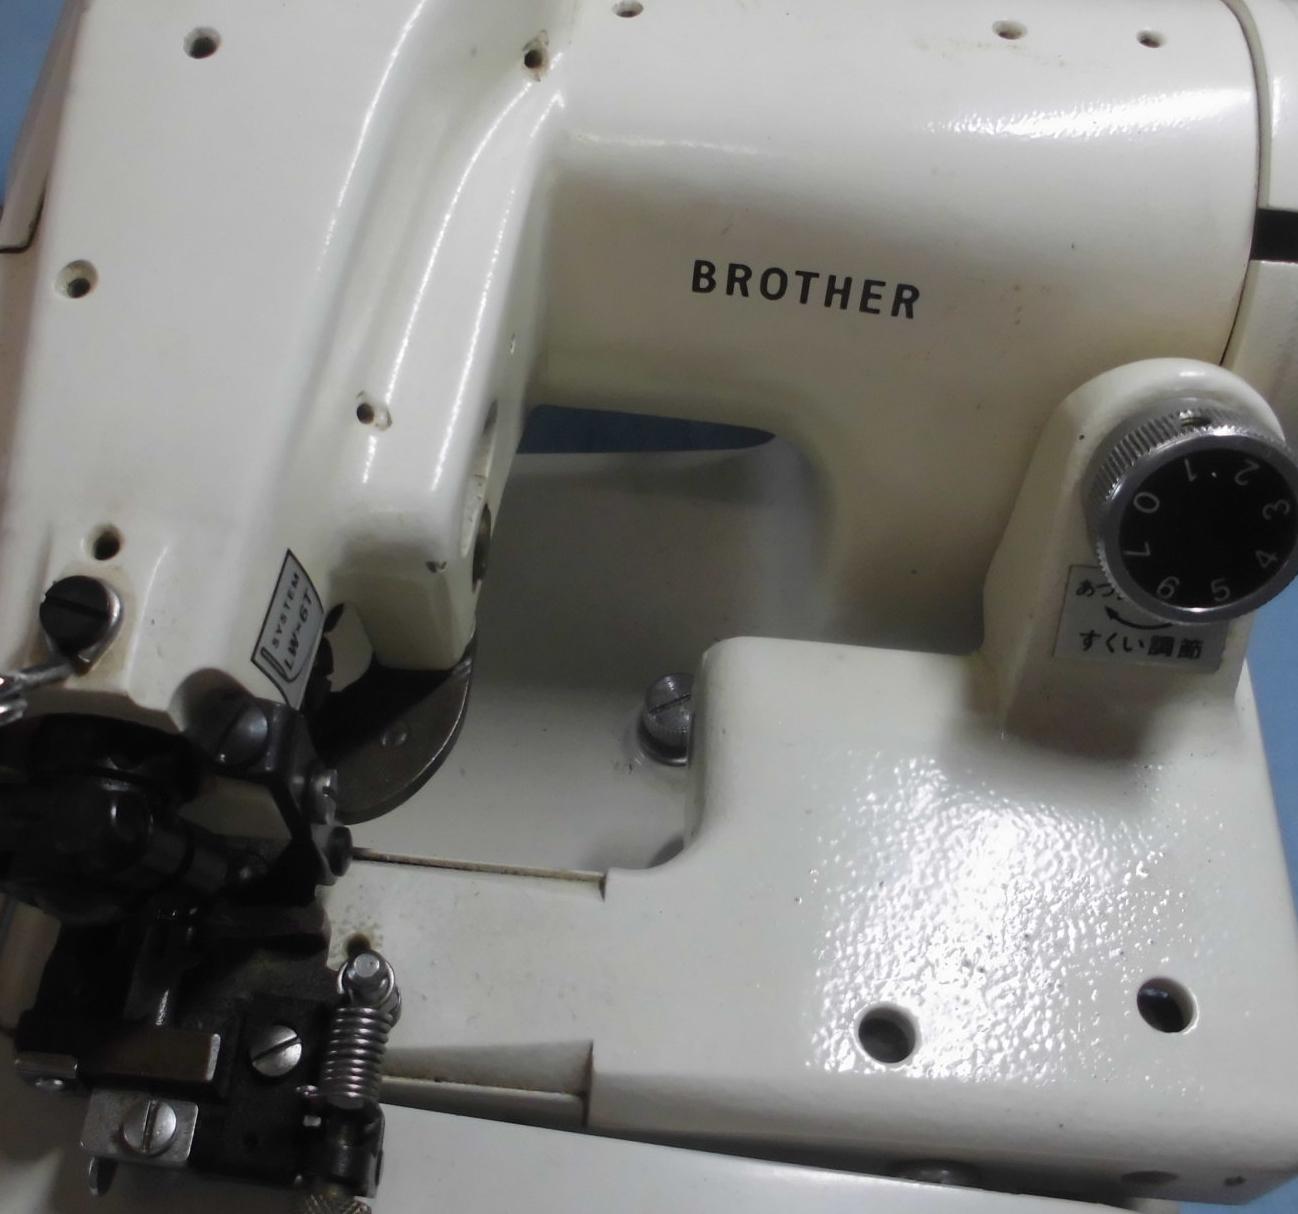 ブラザーミシン修理|TM3-B401|フットコントローラーを踏んでも動かない、動きが鈍い